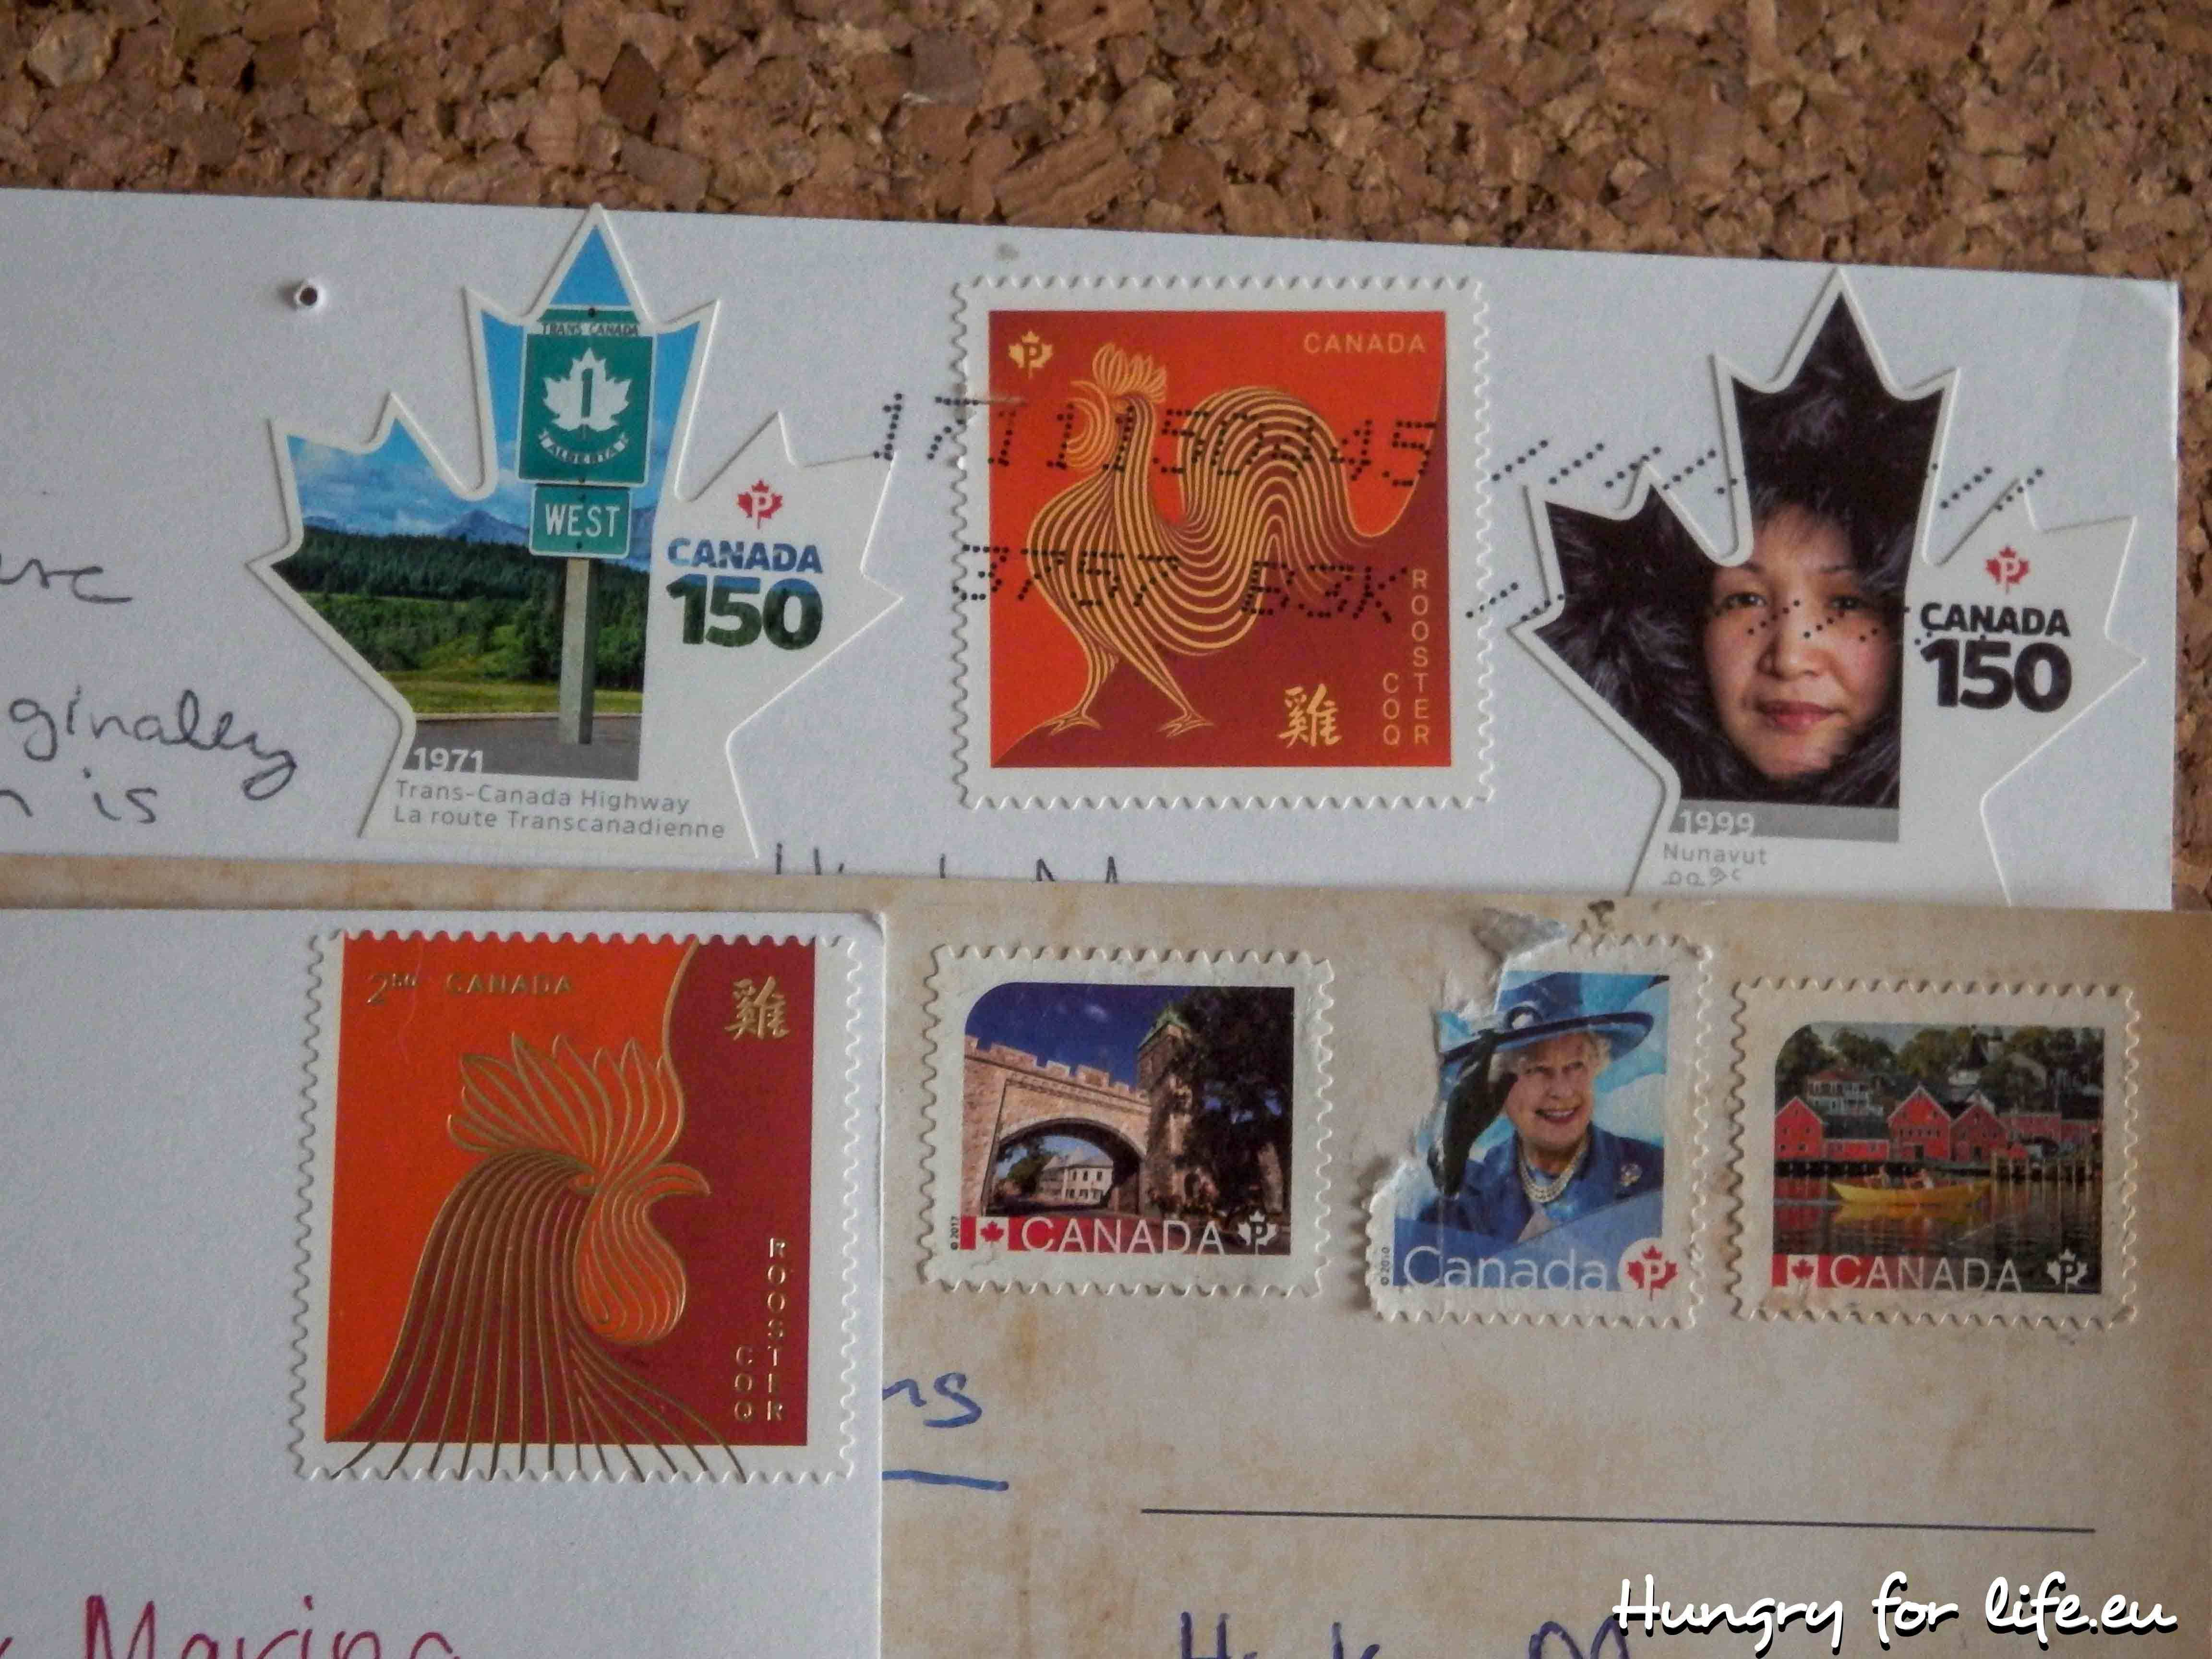 Почтовые открытки послали своим друзьям школьники из разных стран, днем рождения